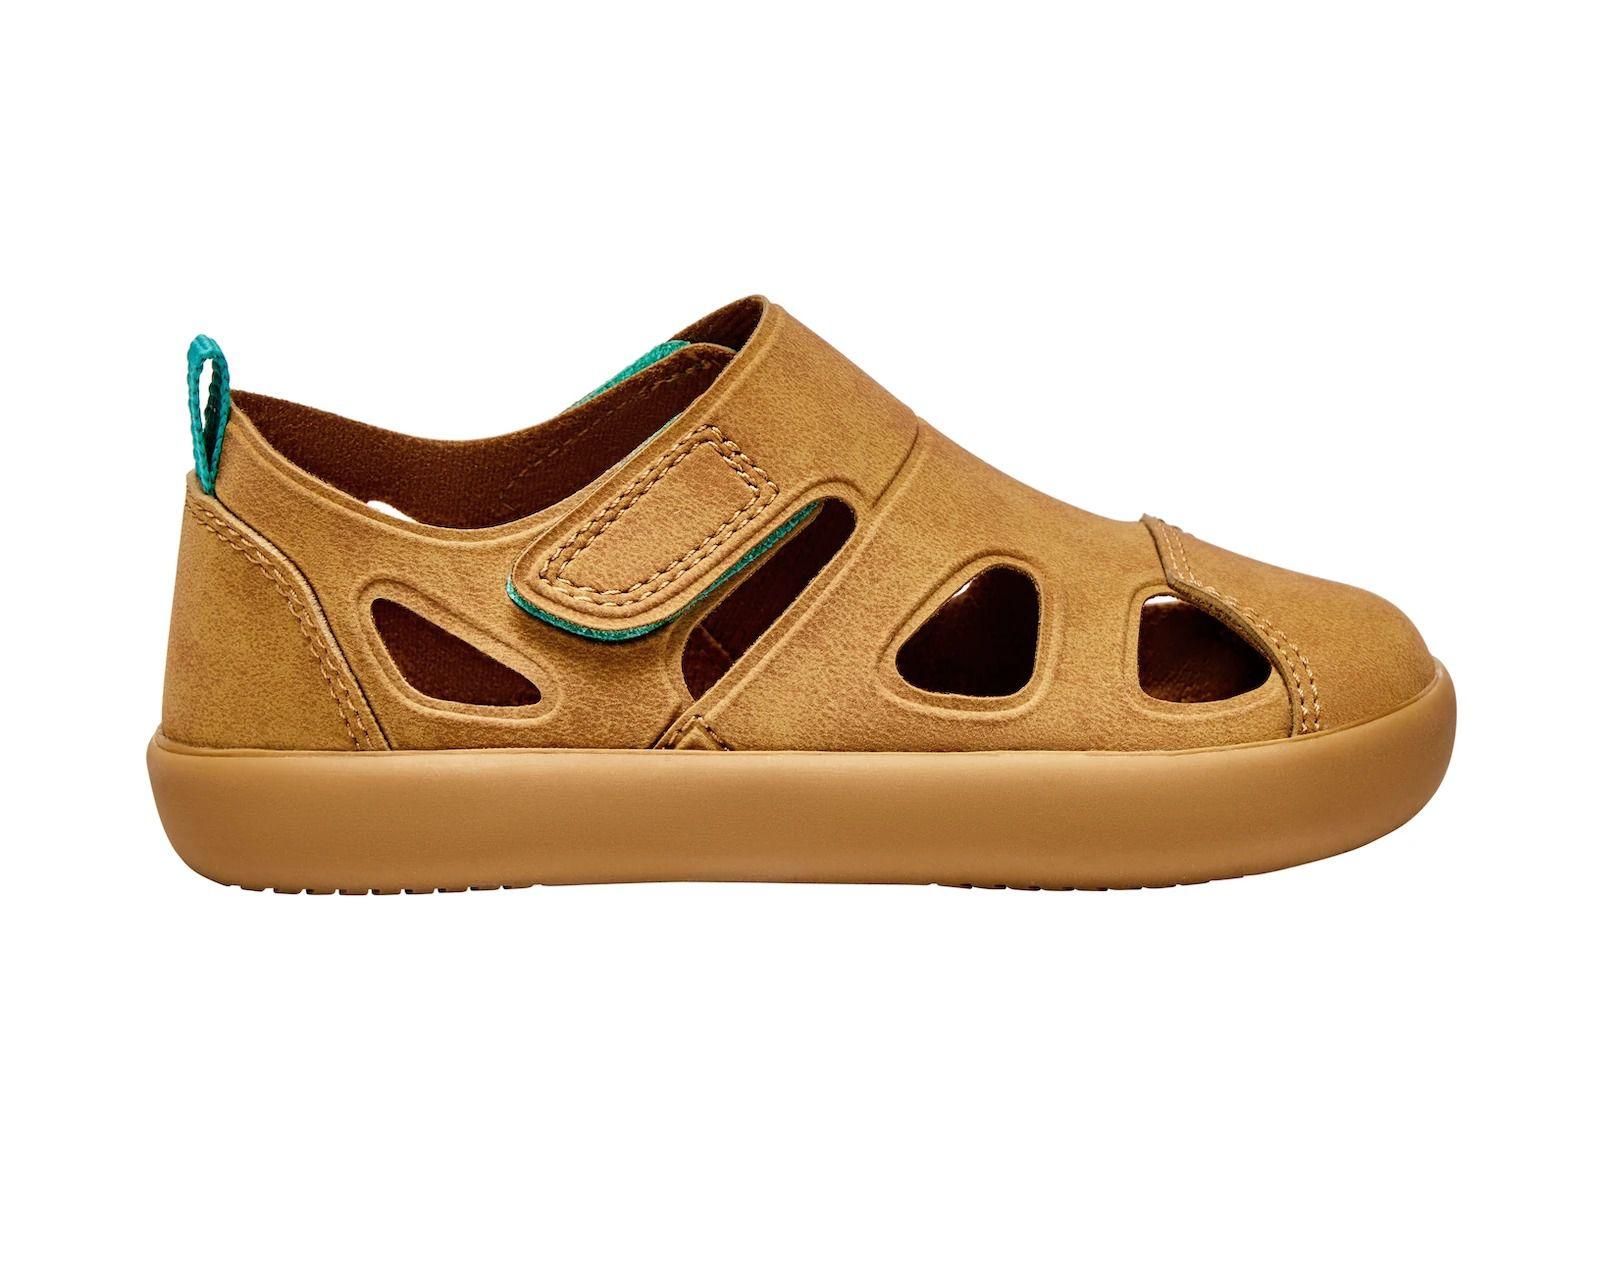 Ten littles sandal